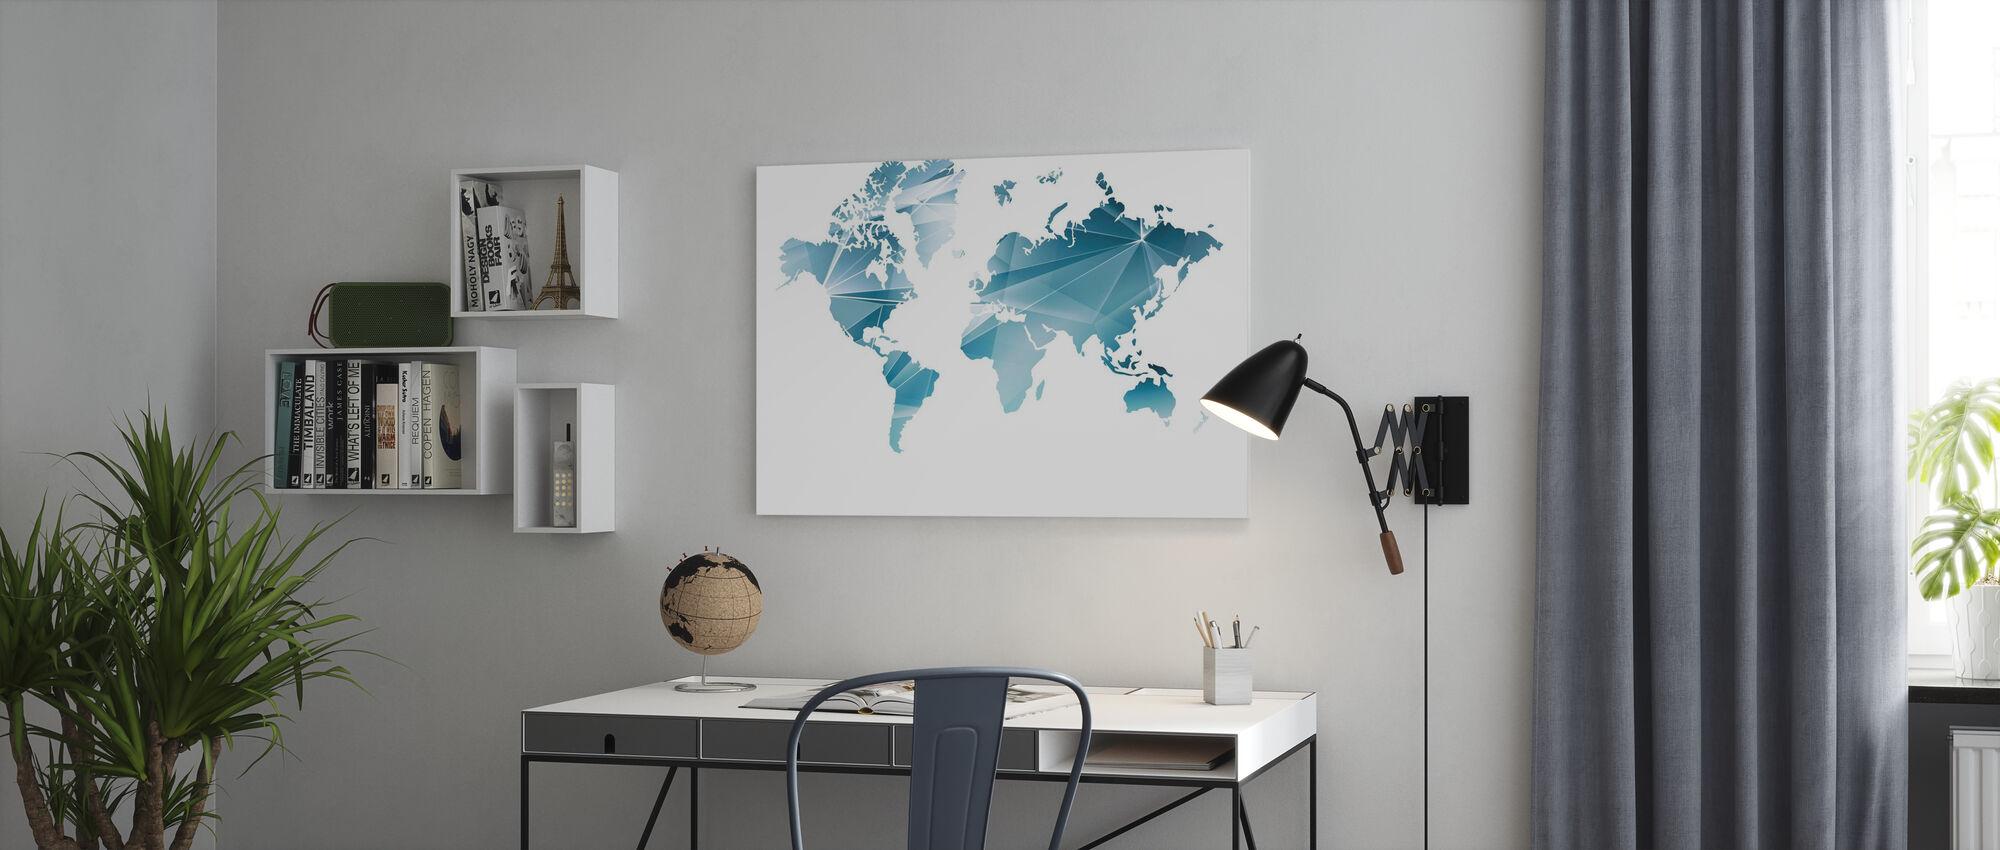 Geometrinen konsepti maailmankartta - Canvastaulu - Toimisto